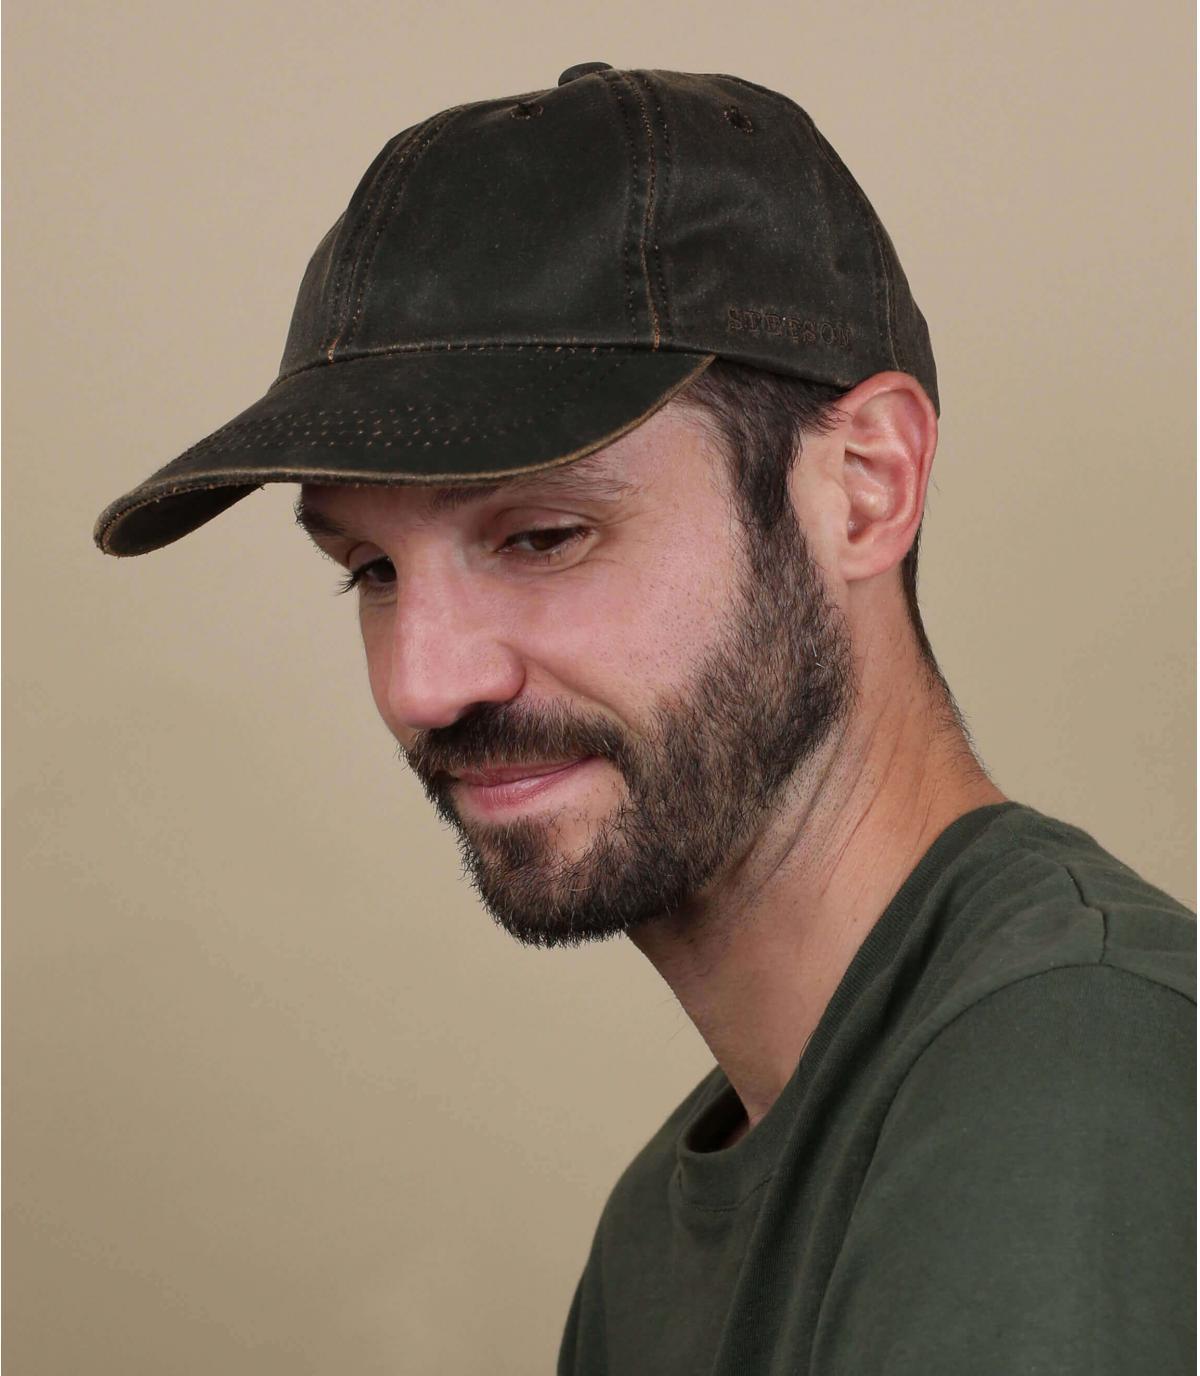 Cappellino visiera curva Stetson